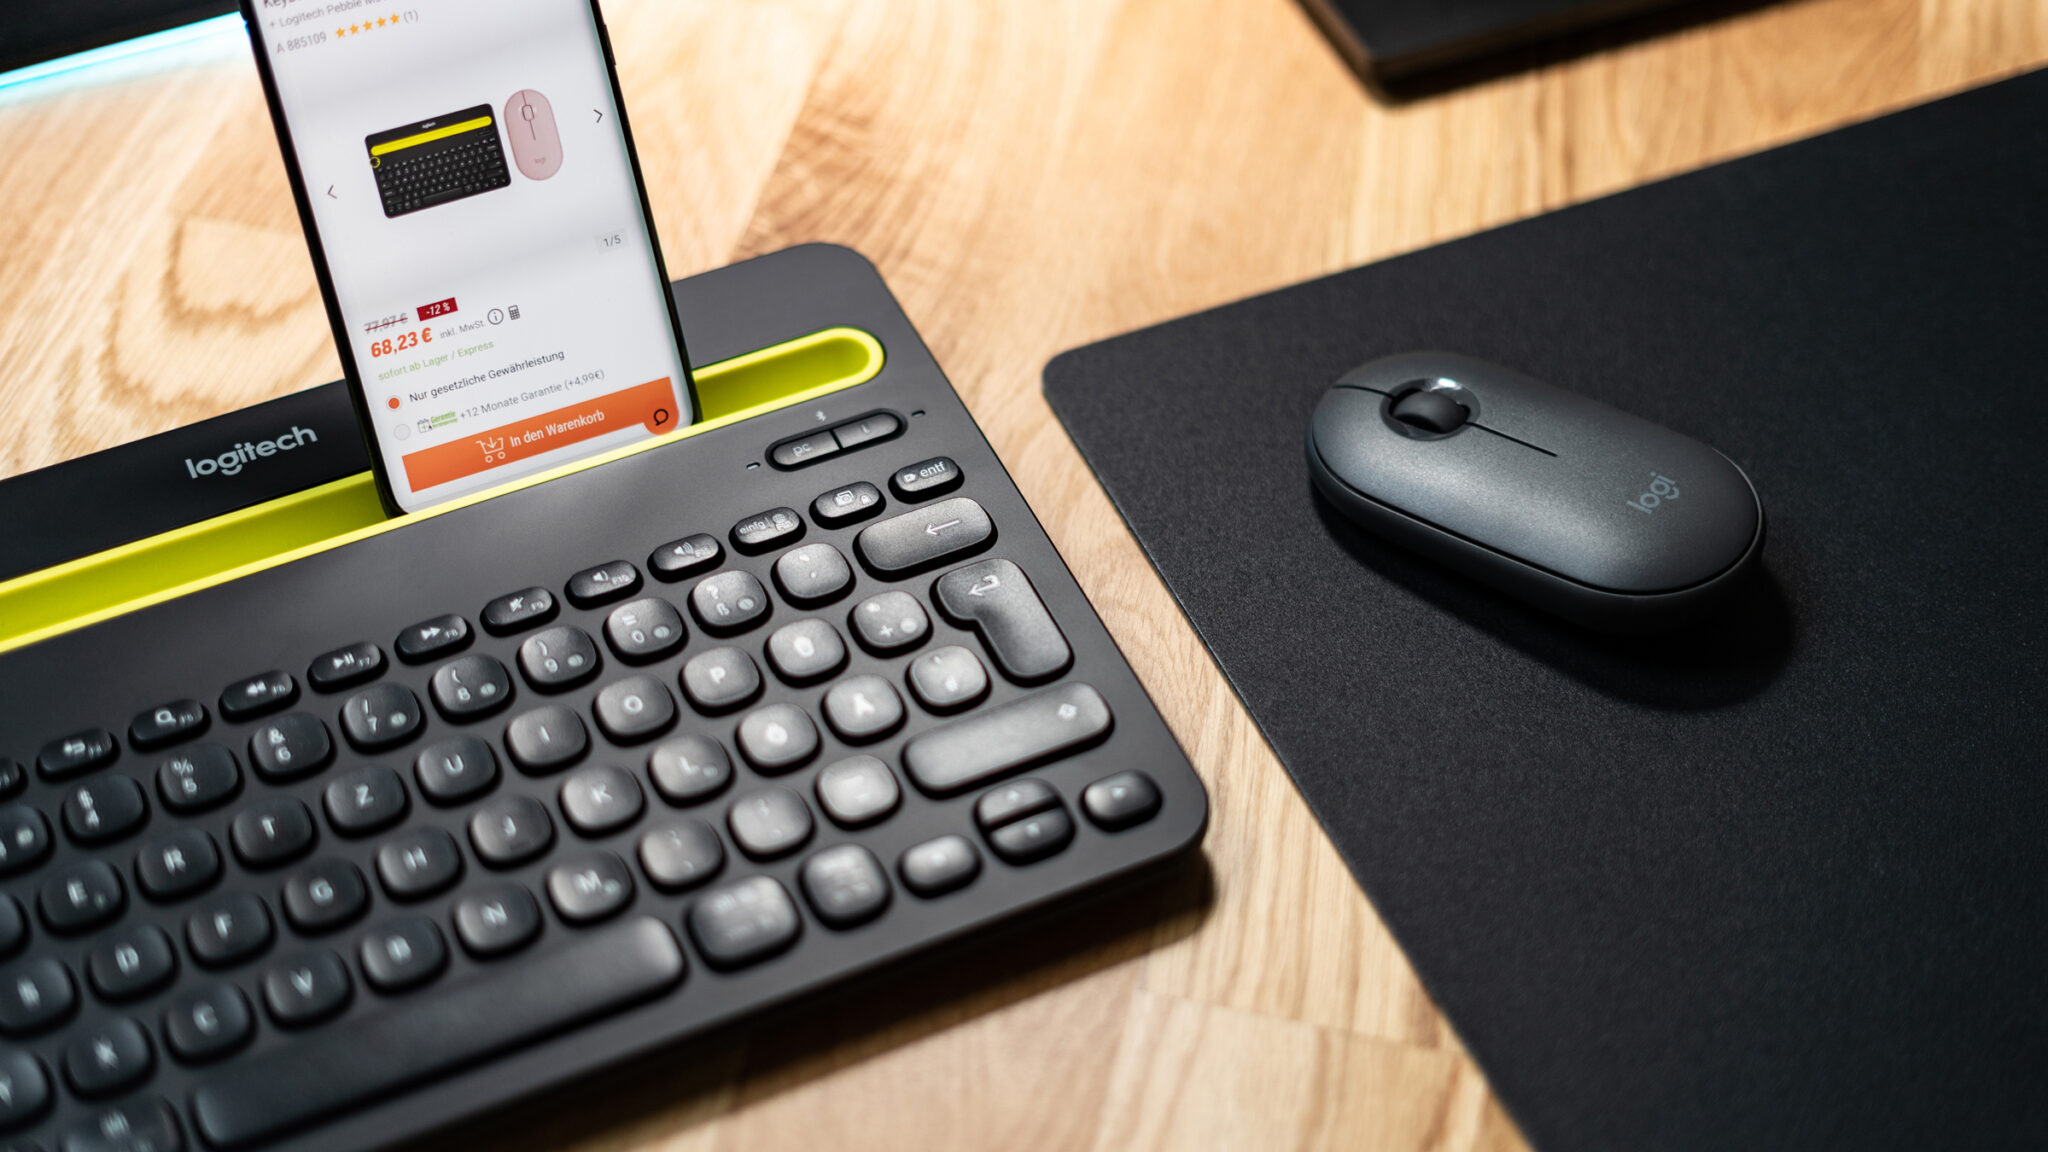 Logitech Pebble M350 & K480 im Test: Solide Bluetooth-Maus- und -Tastatur-Kombi mit nützlichen Extras